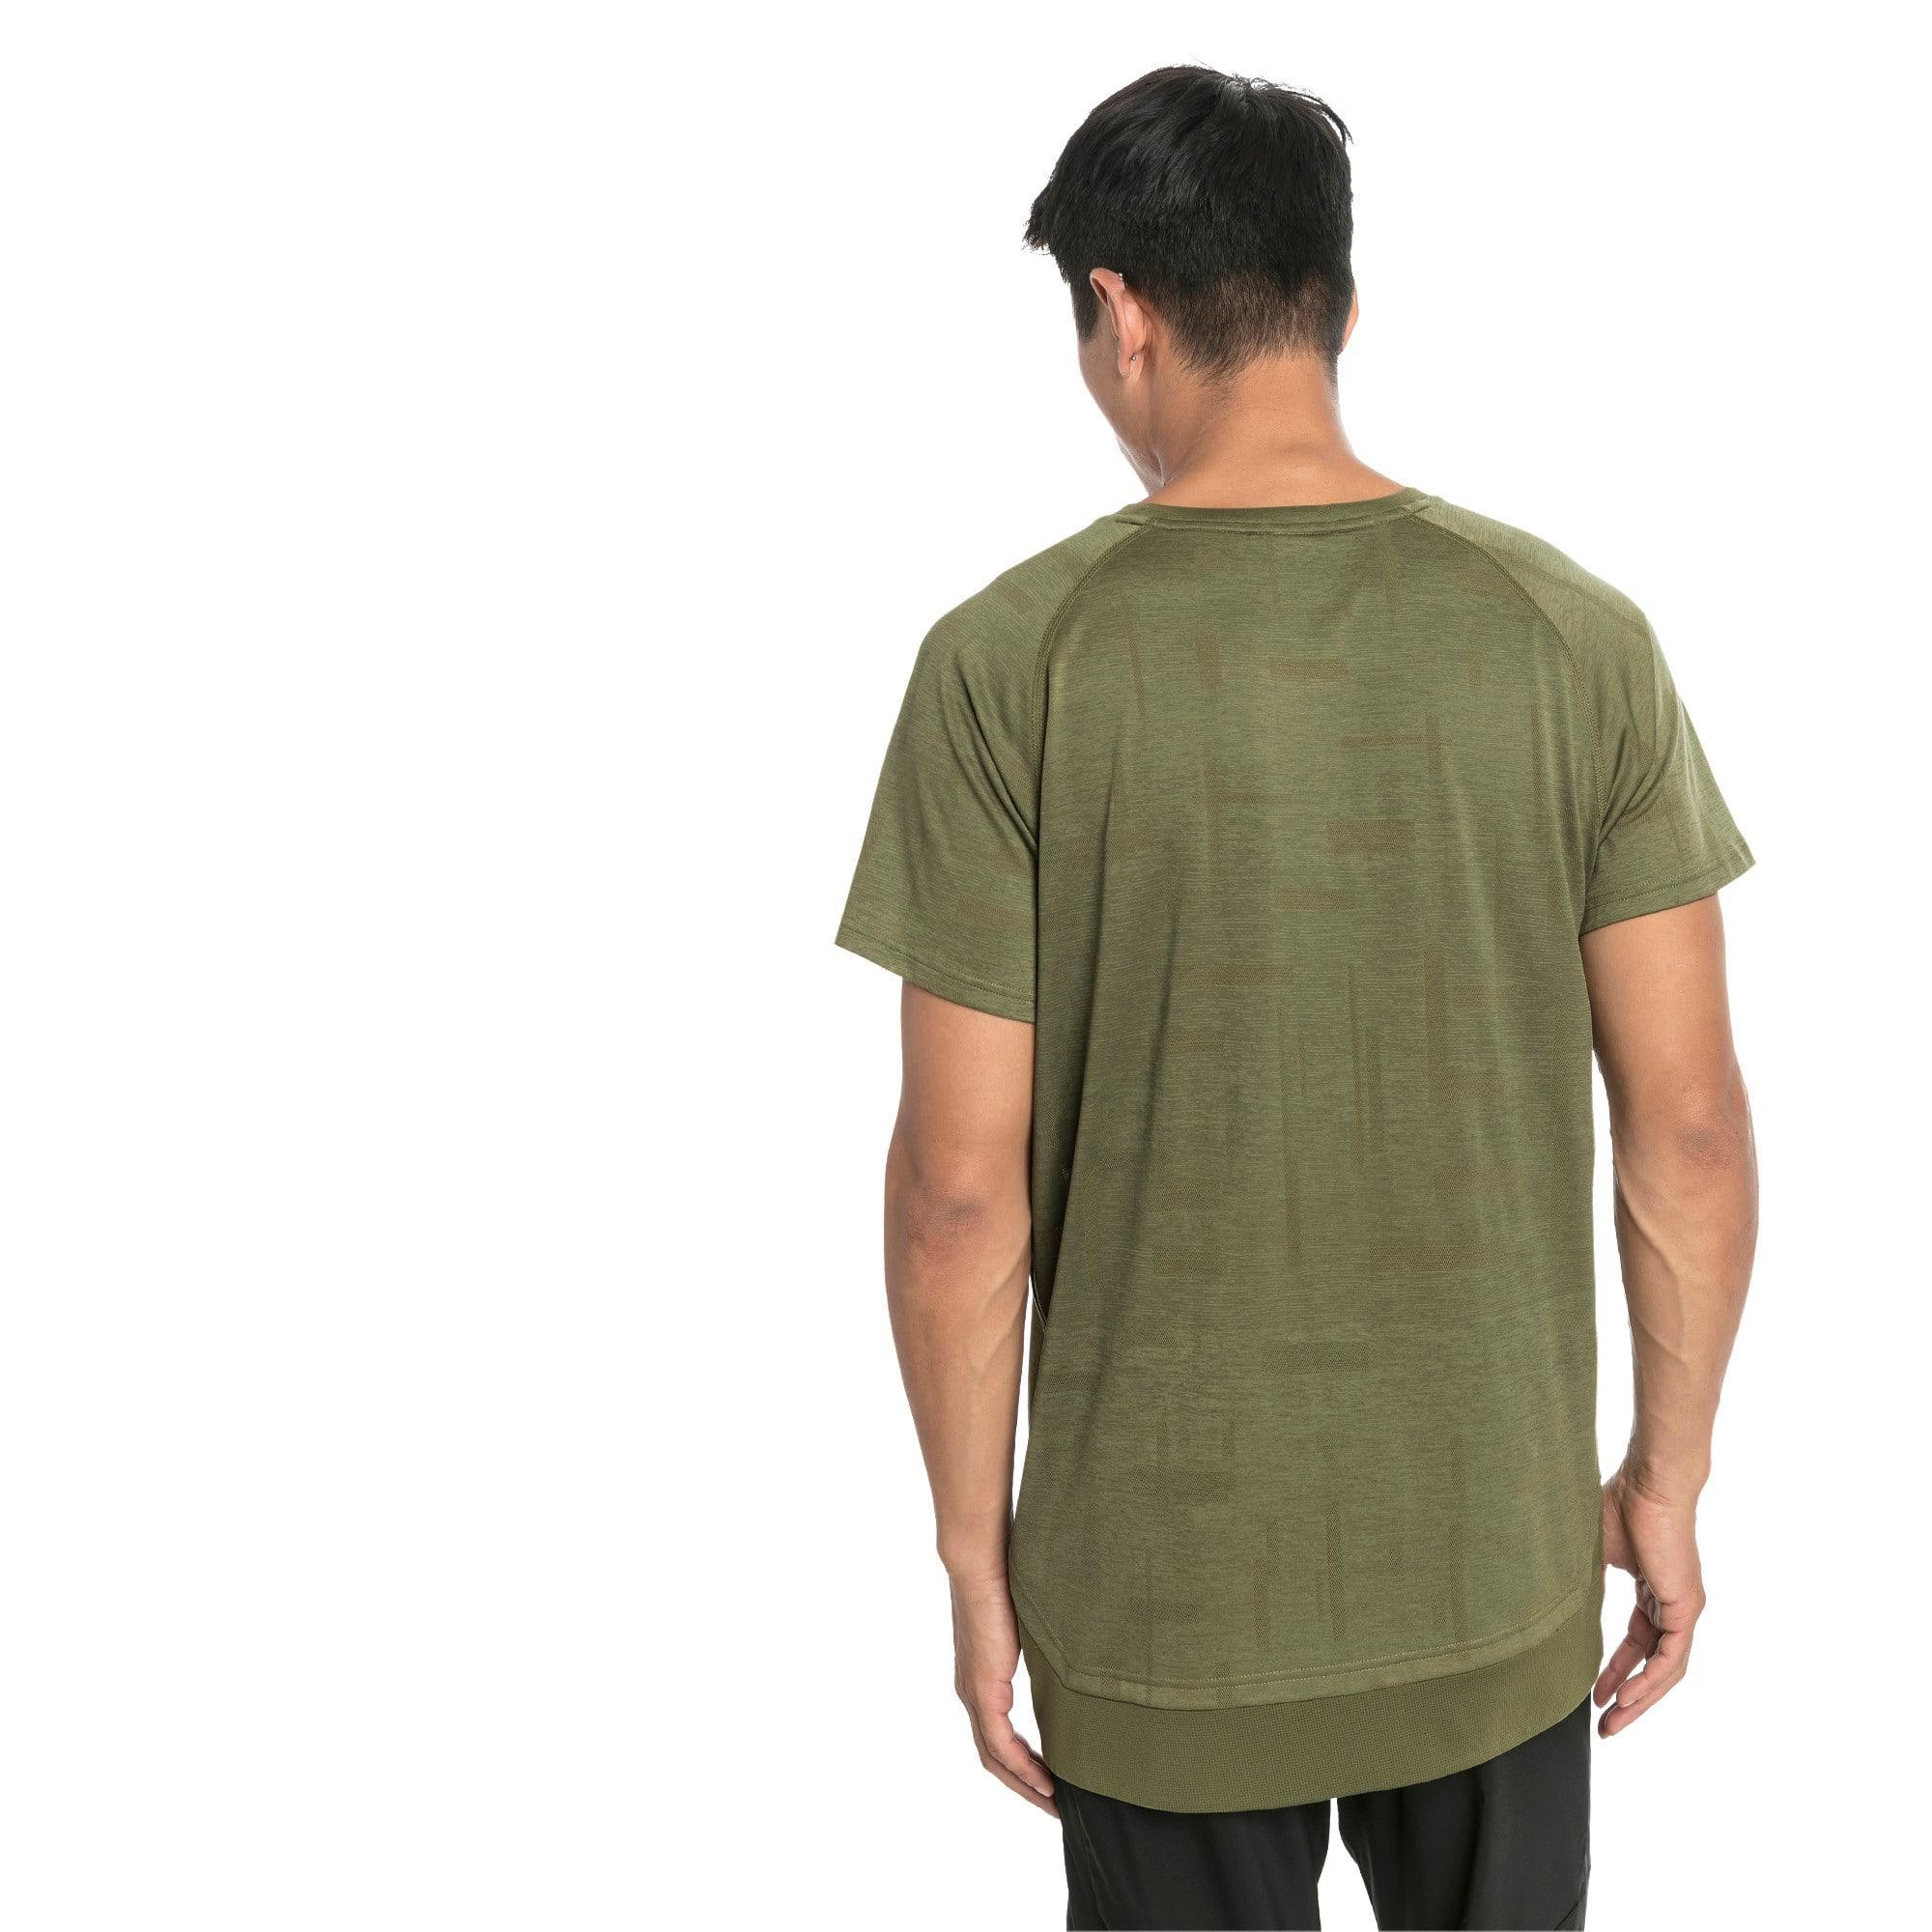 Thumbnail 2 of Energy Tech Herren Training T-Shirt, Olivine, medium